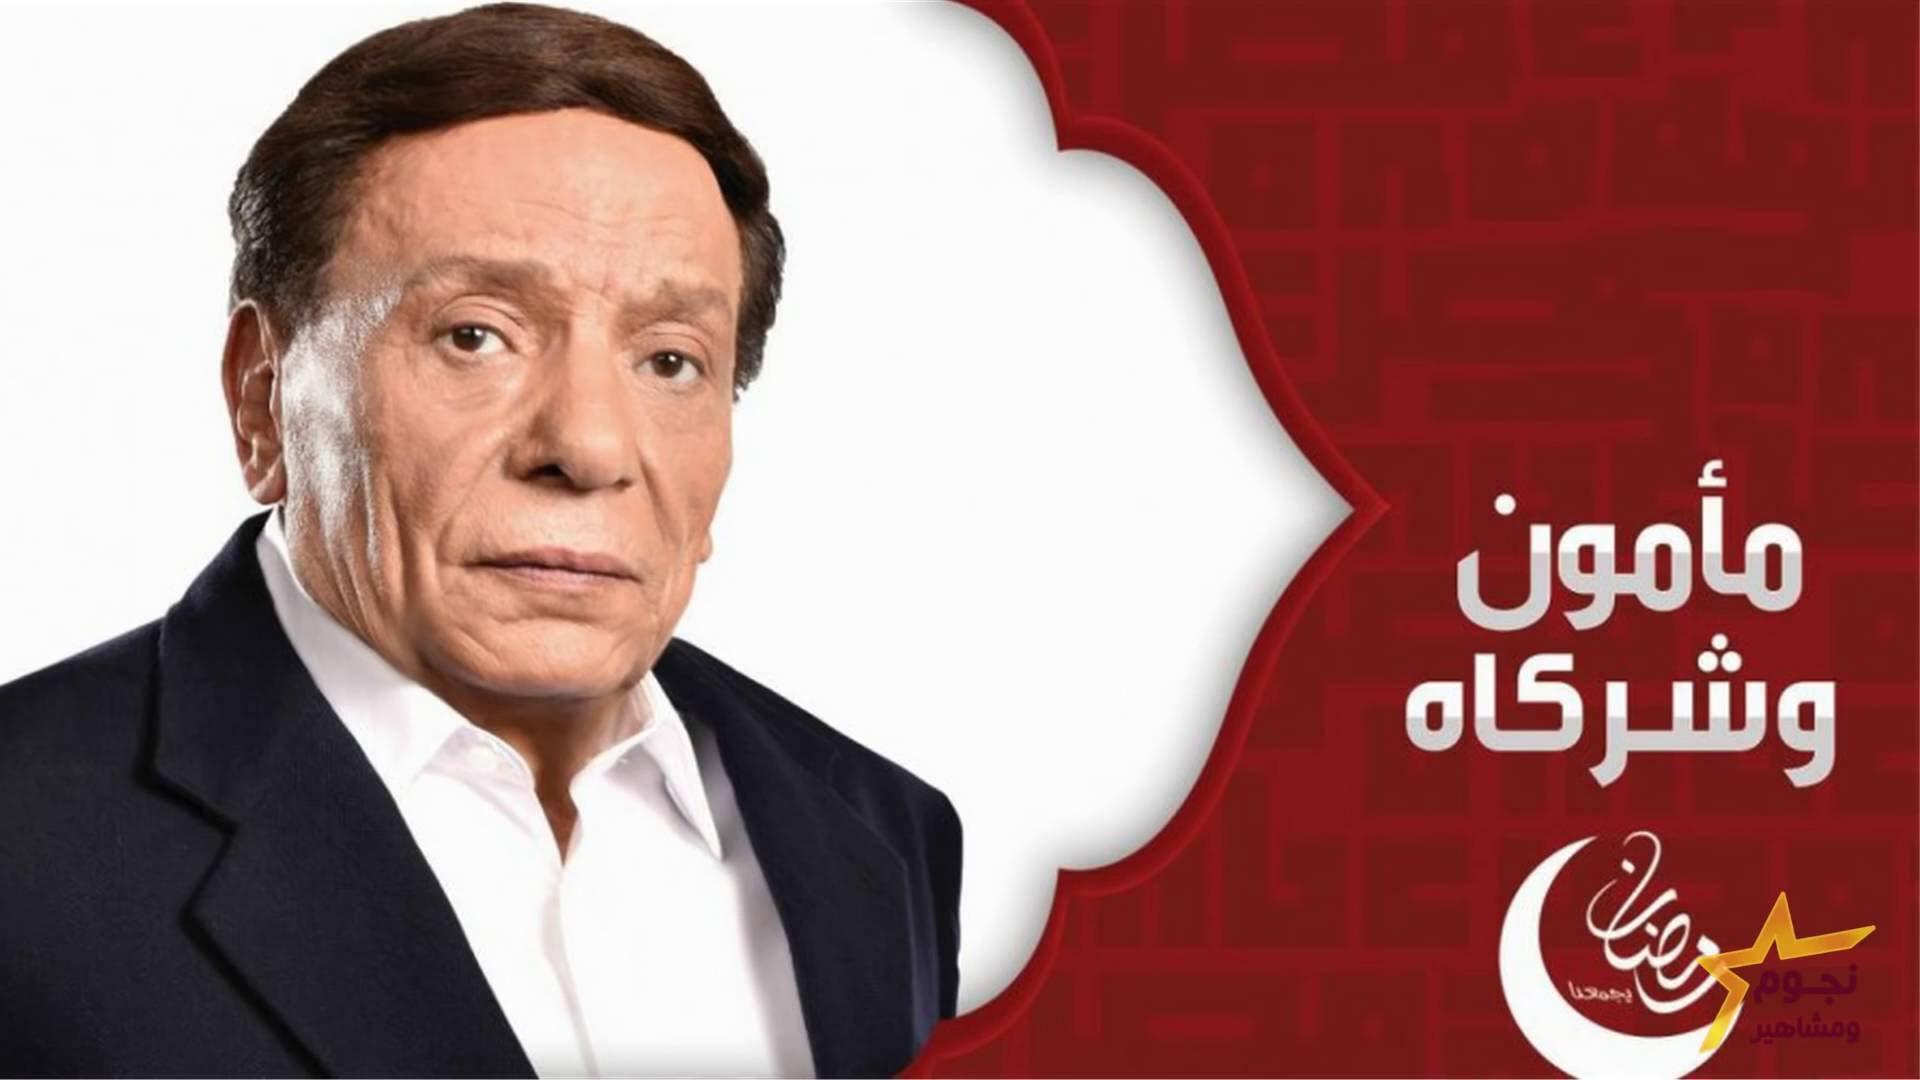 كارثة تهدد مصير مسلسل عادل امام (مامون وشركاه ) في رمضان